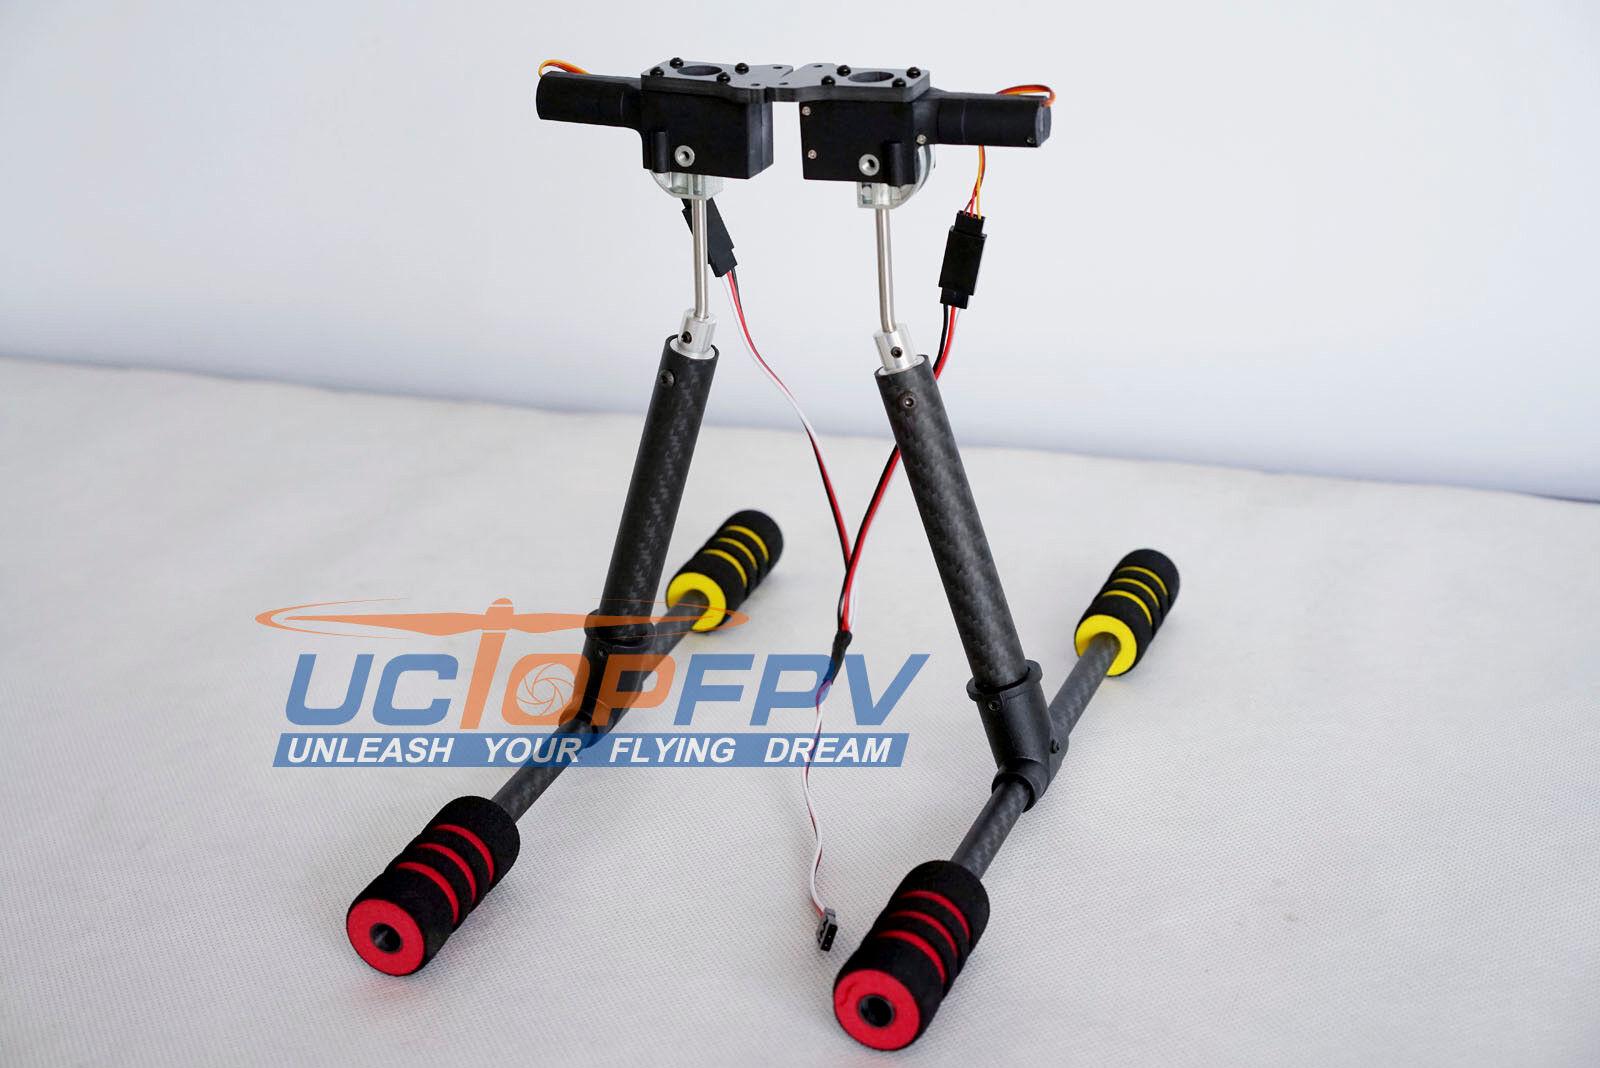 DJI Flamewheel F550 Carbon Fiber  CNC Retractable Landing Gear FPV Inspire 1